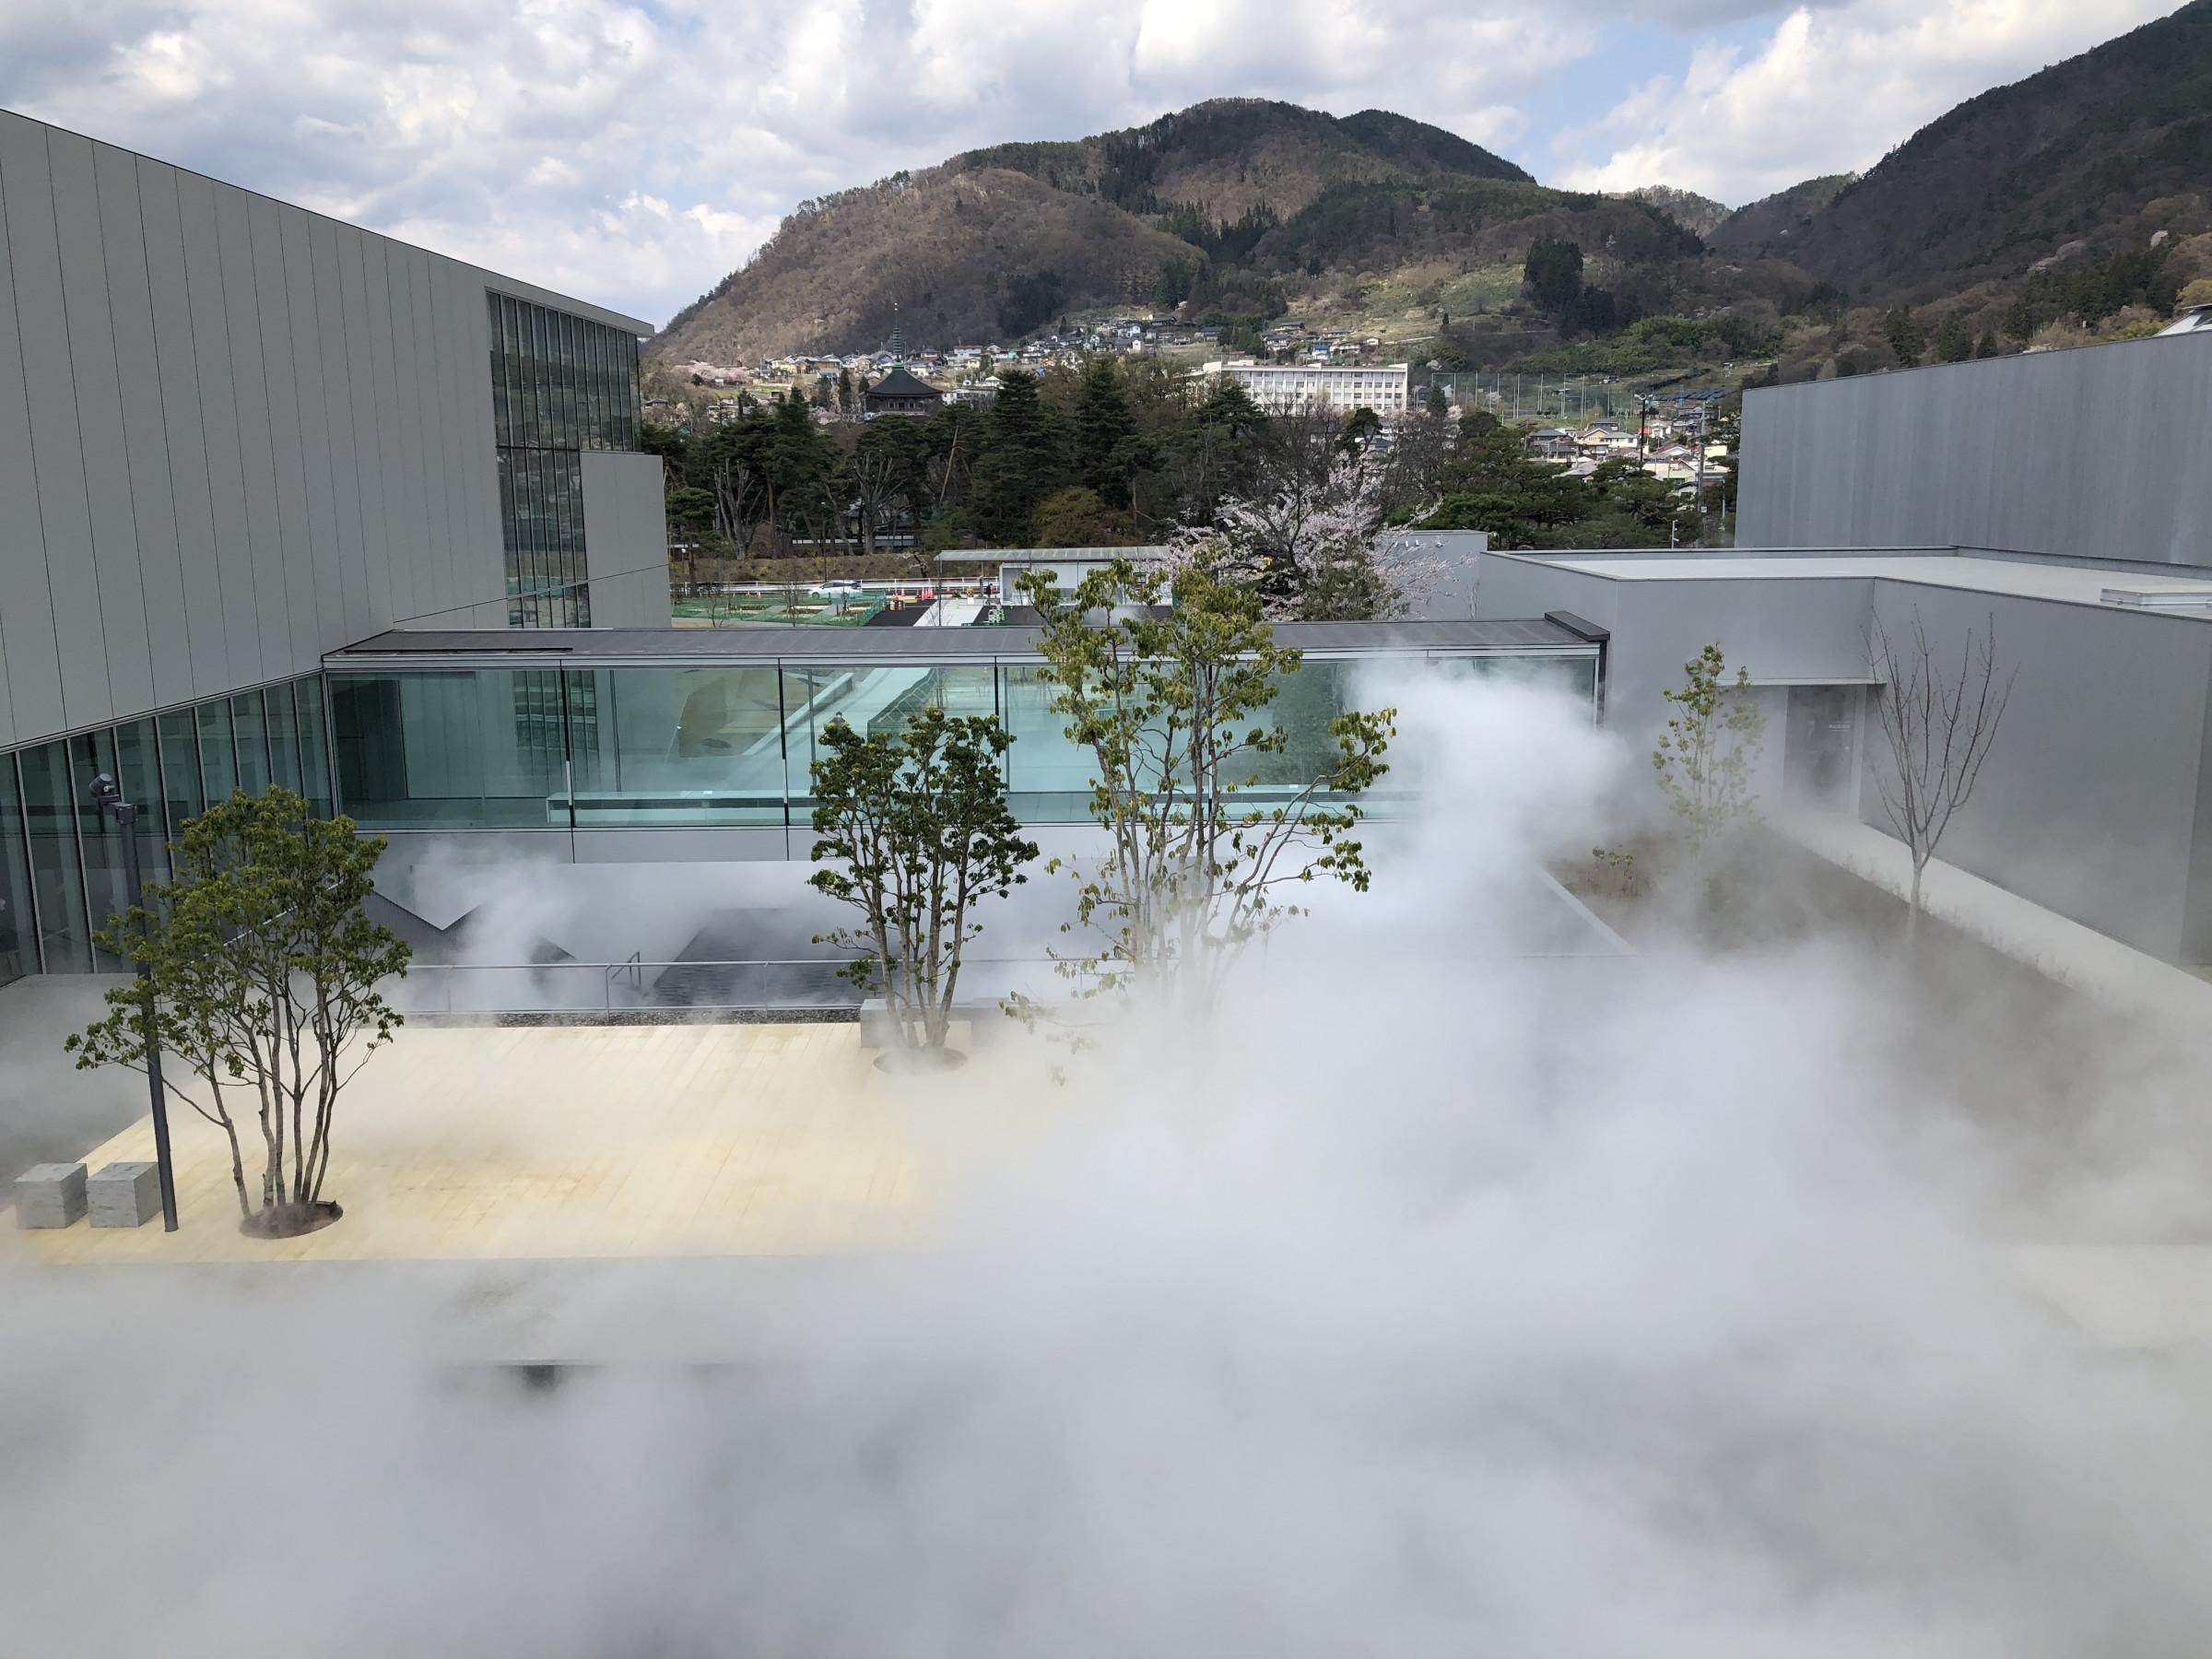 長野県立美術館 水辺テラス 中谷芙ニ子「霧の彫刻」